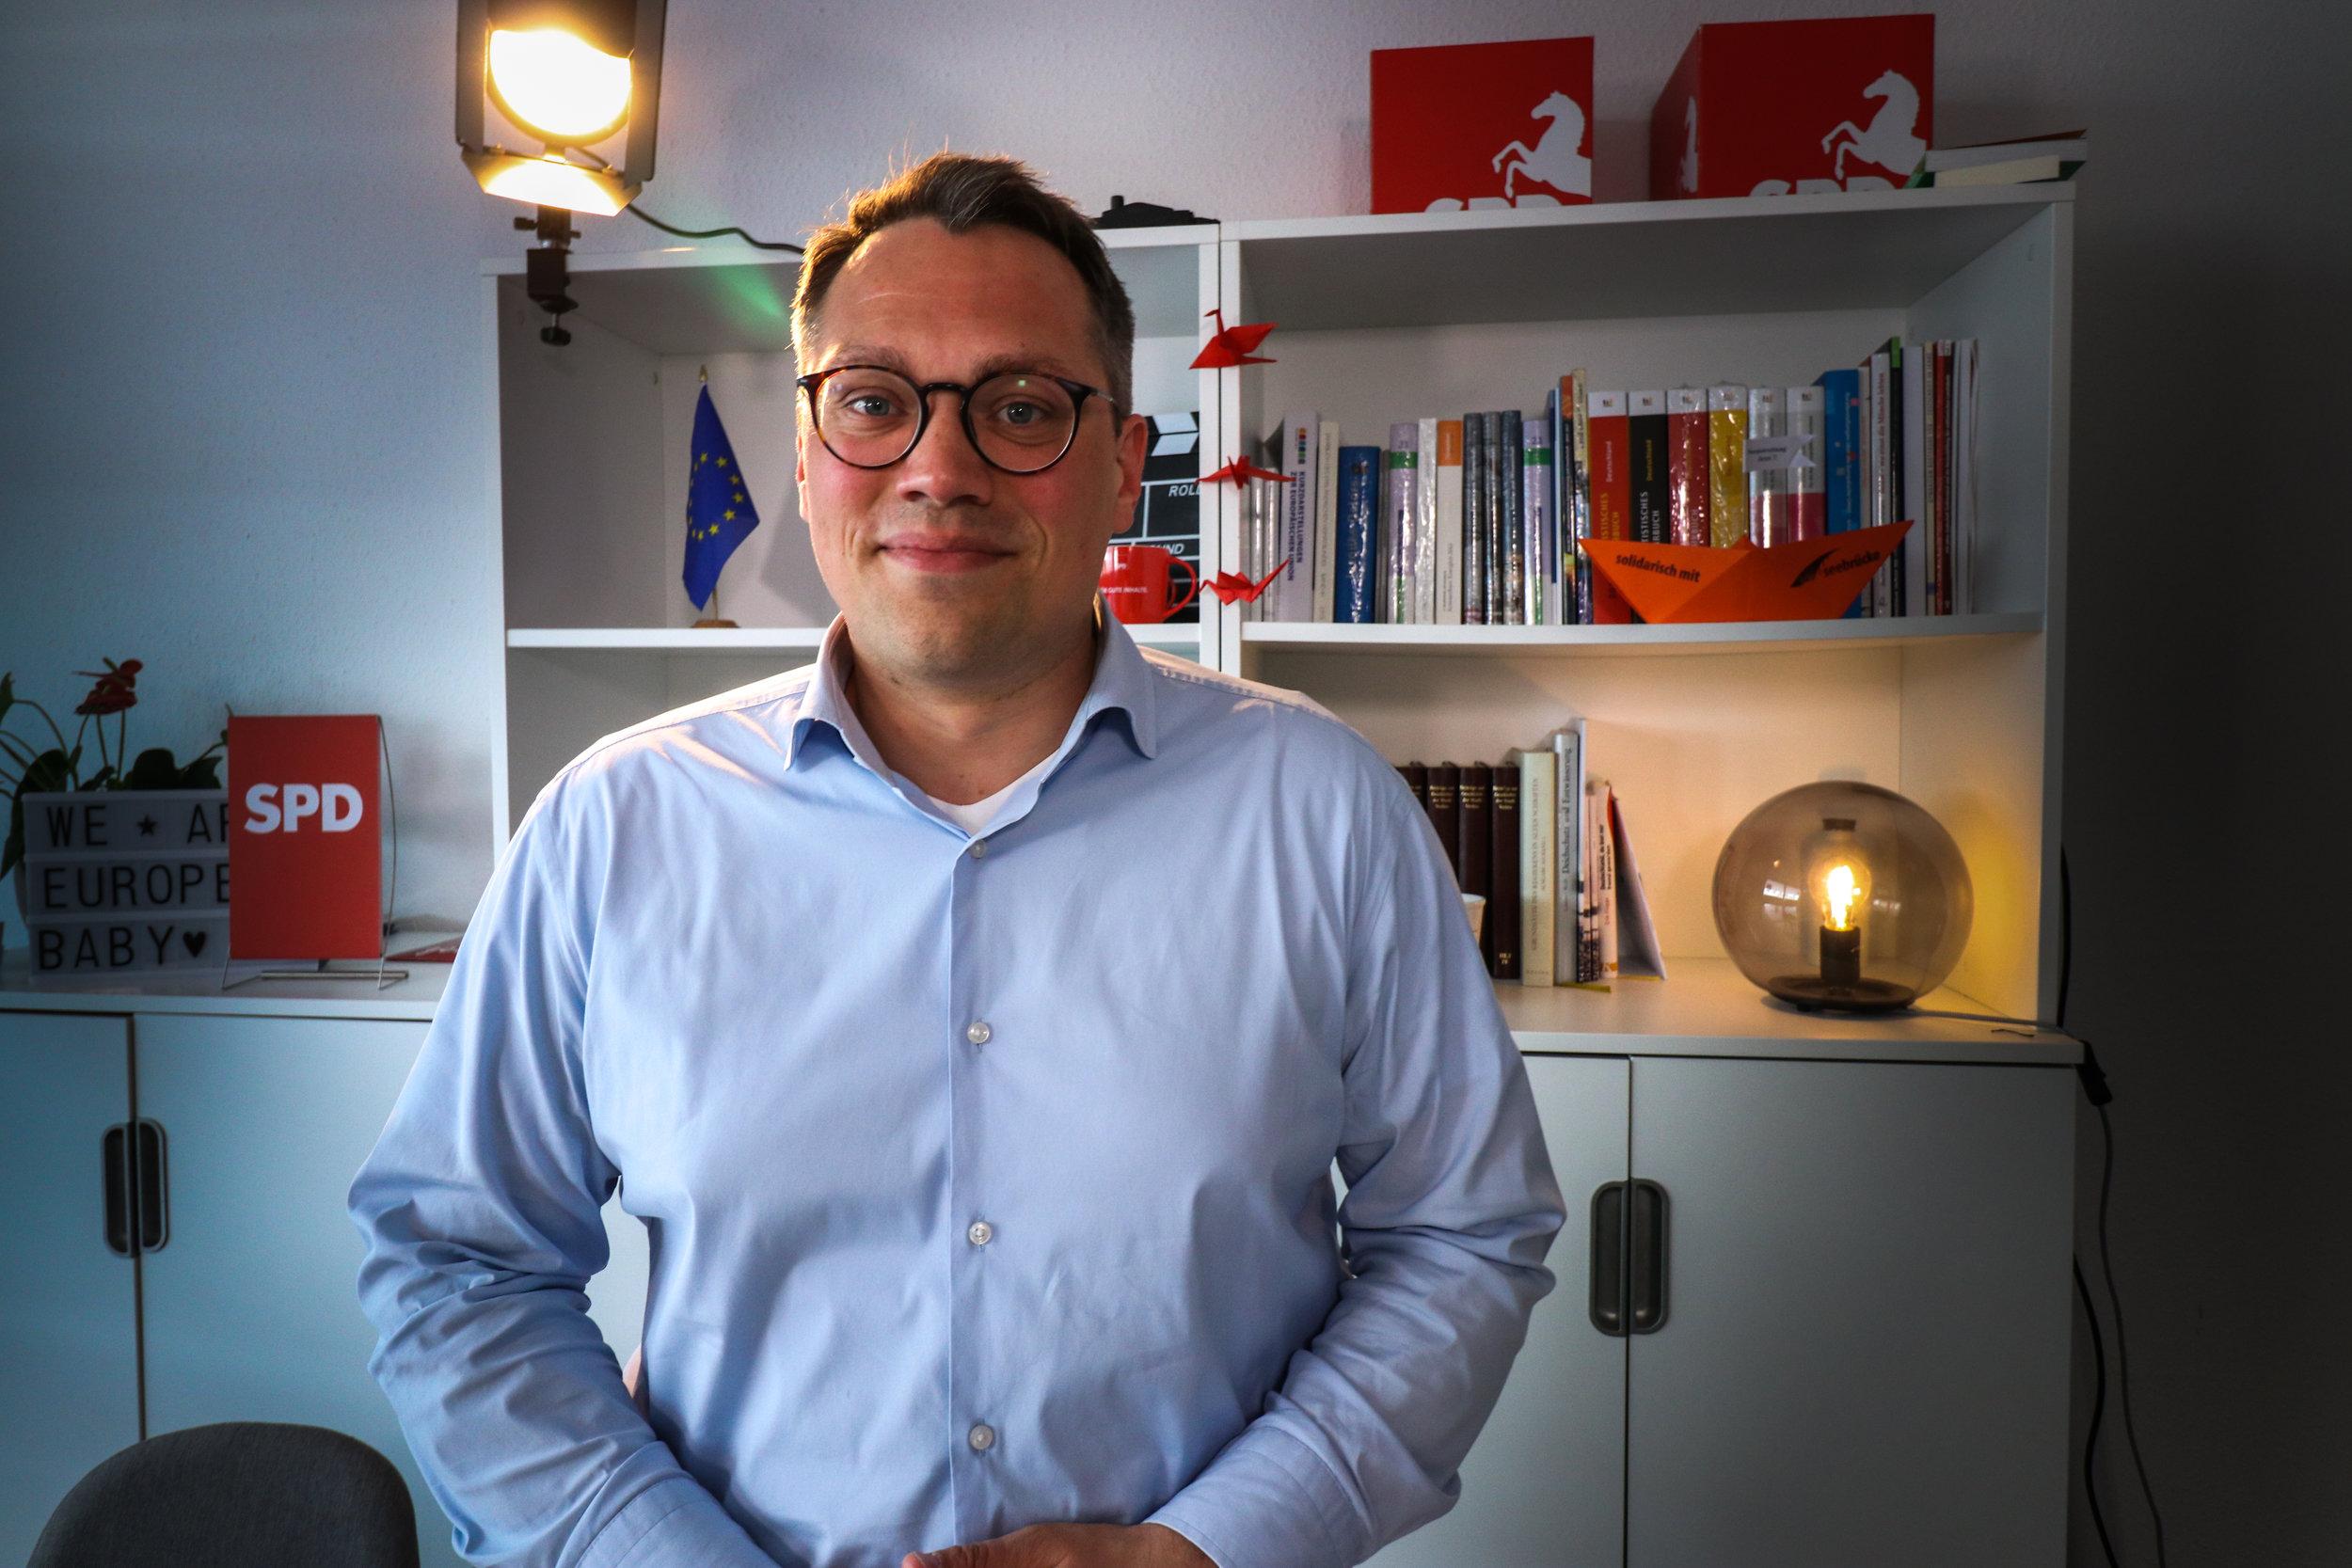 """""""Ich will die vereinigten staaten von europa"""" - Tiemo Wölken, SPD"""